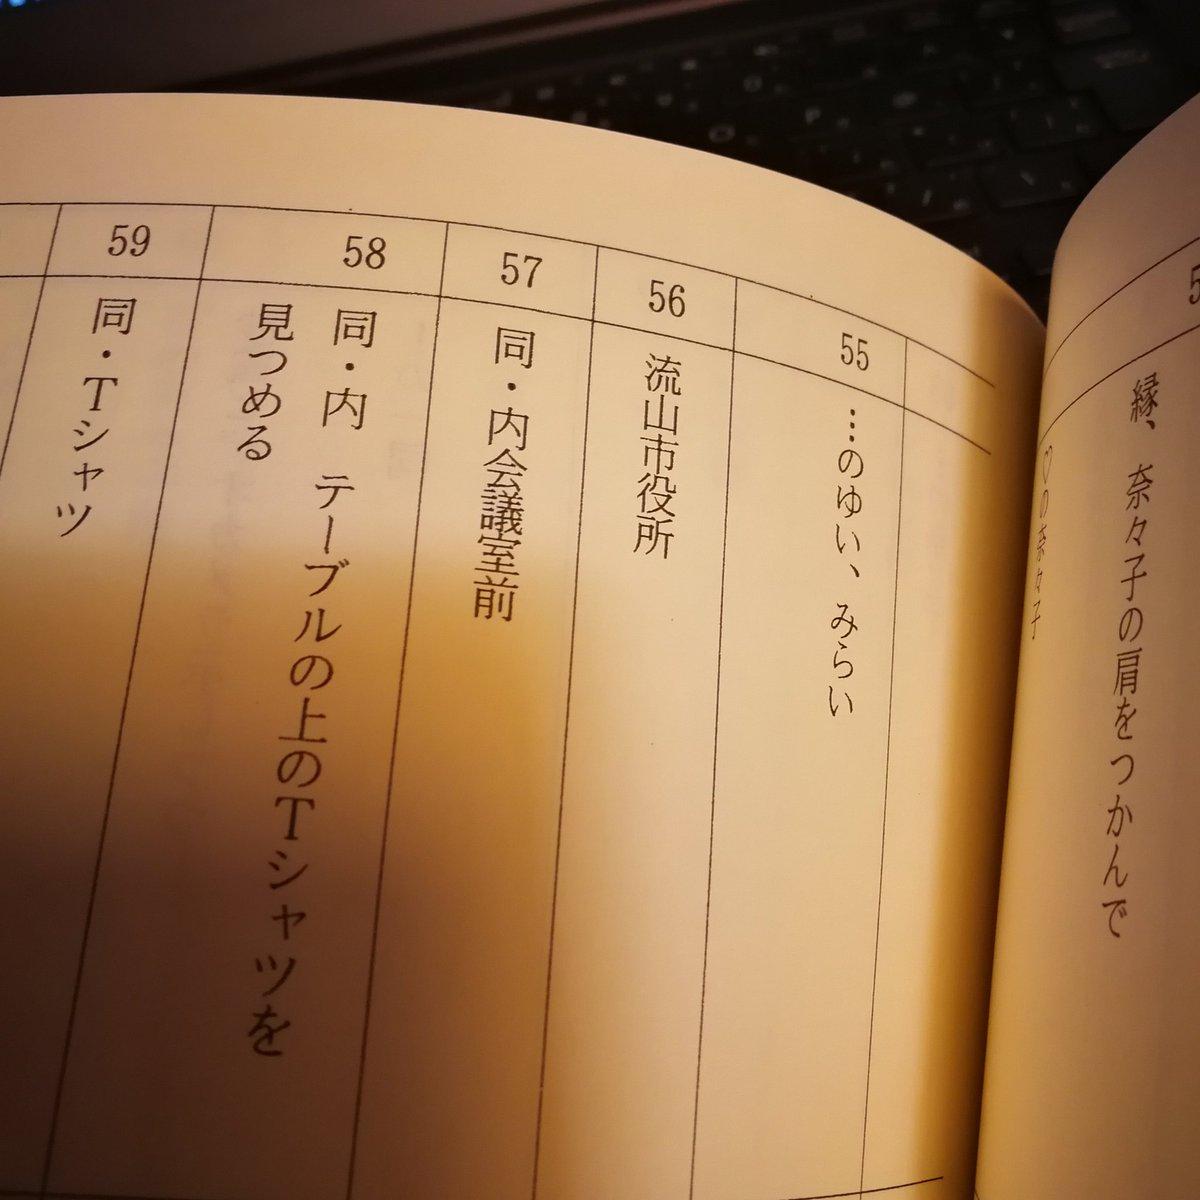 【ろこどる】OVA2「PVつくってみた。」地上波放映のニュースを受けて、うちにあるアフレコ台本を見返していたら味わいある